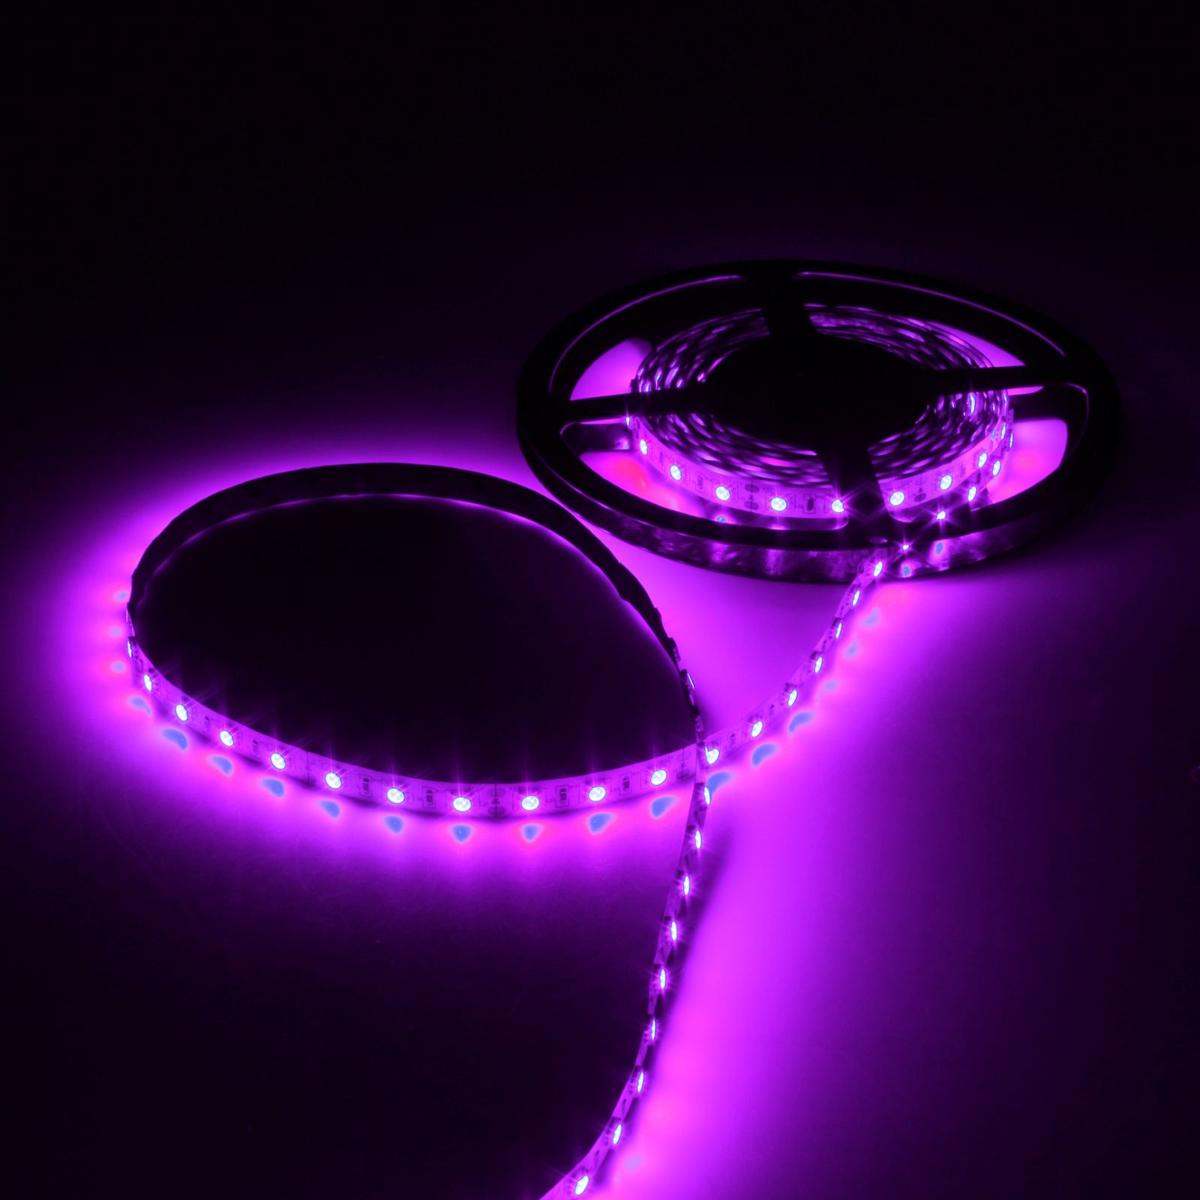 Светодиодная лента Luazon, 60 LED ламп, 12В, 14.4 Вт/м, 14-16 Лм/1 LED, DC, длина 5 м883945Светодиодная лента Luazon - это отличный вариант для новогоднего оформления интерьера или фасада. С ее помощью помещение любого размера можно превратить в праздничный зал, а внешние элементы зданий, украшенные ей, мгновенно станут напоминать очертания сказочного дворца. Деревья, фасады, витрины, окна и арки будто специально созданы, чтобы вы украсили их светящимися нитями.Дополнительные характеристики: - Размер светодиодов: 5050.- Цвет: фиолетовый.- Класс пылезащищенности: IP33.